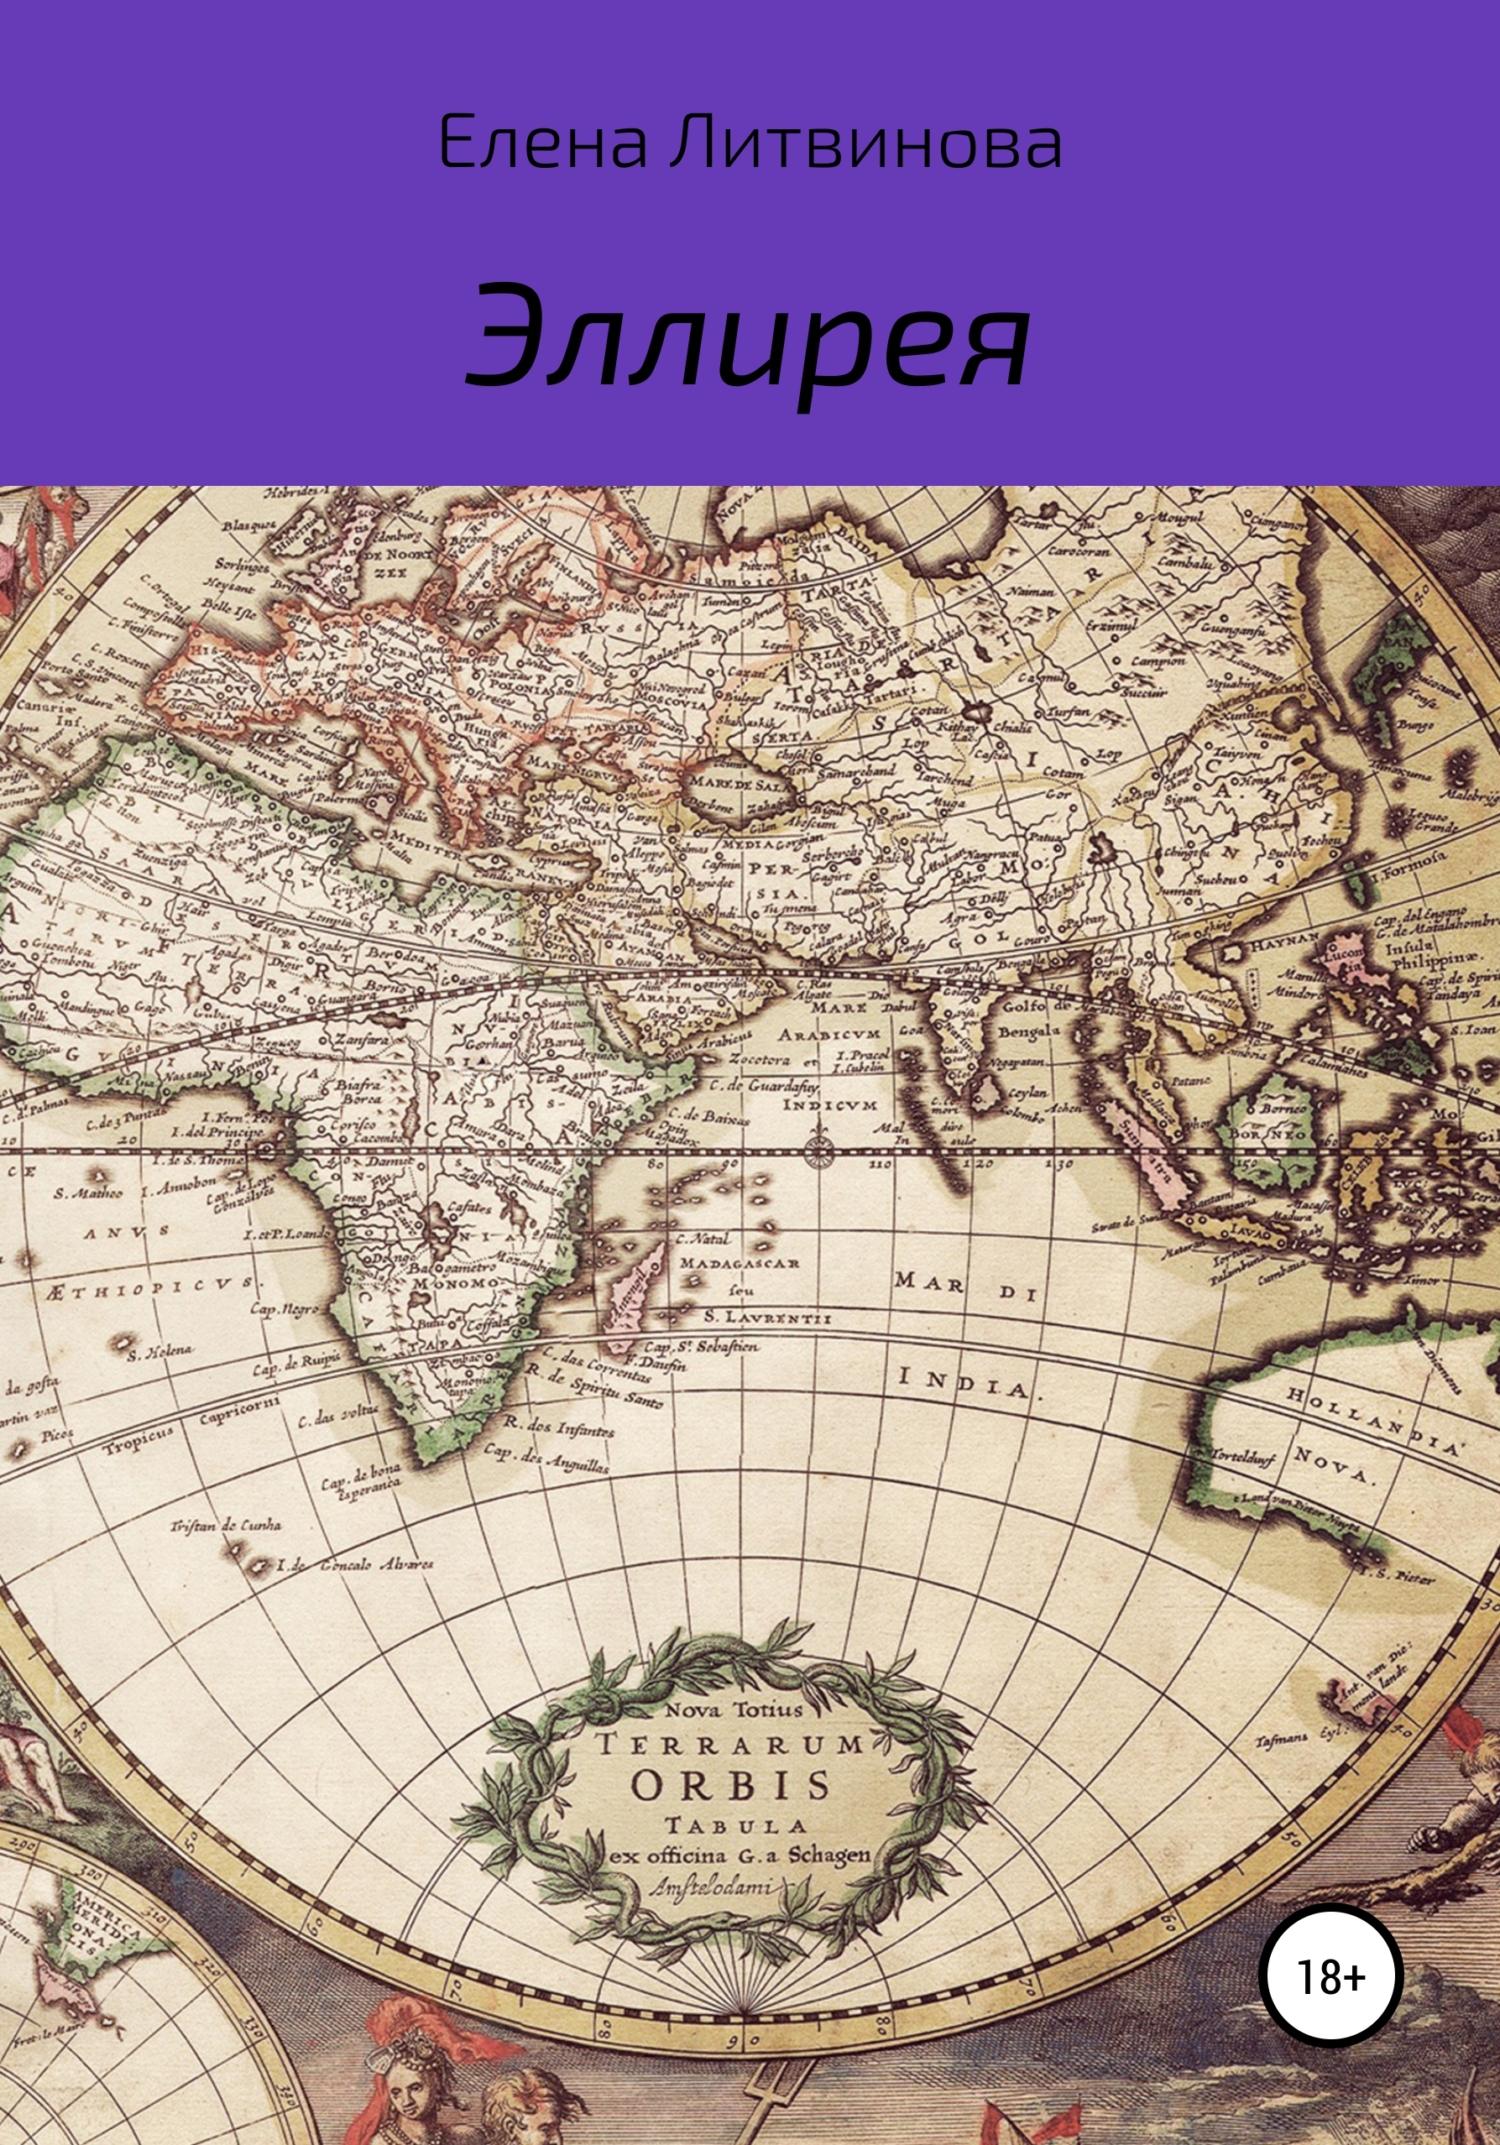 Елена Владимировна Литвинова Эллирея the citadel